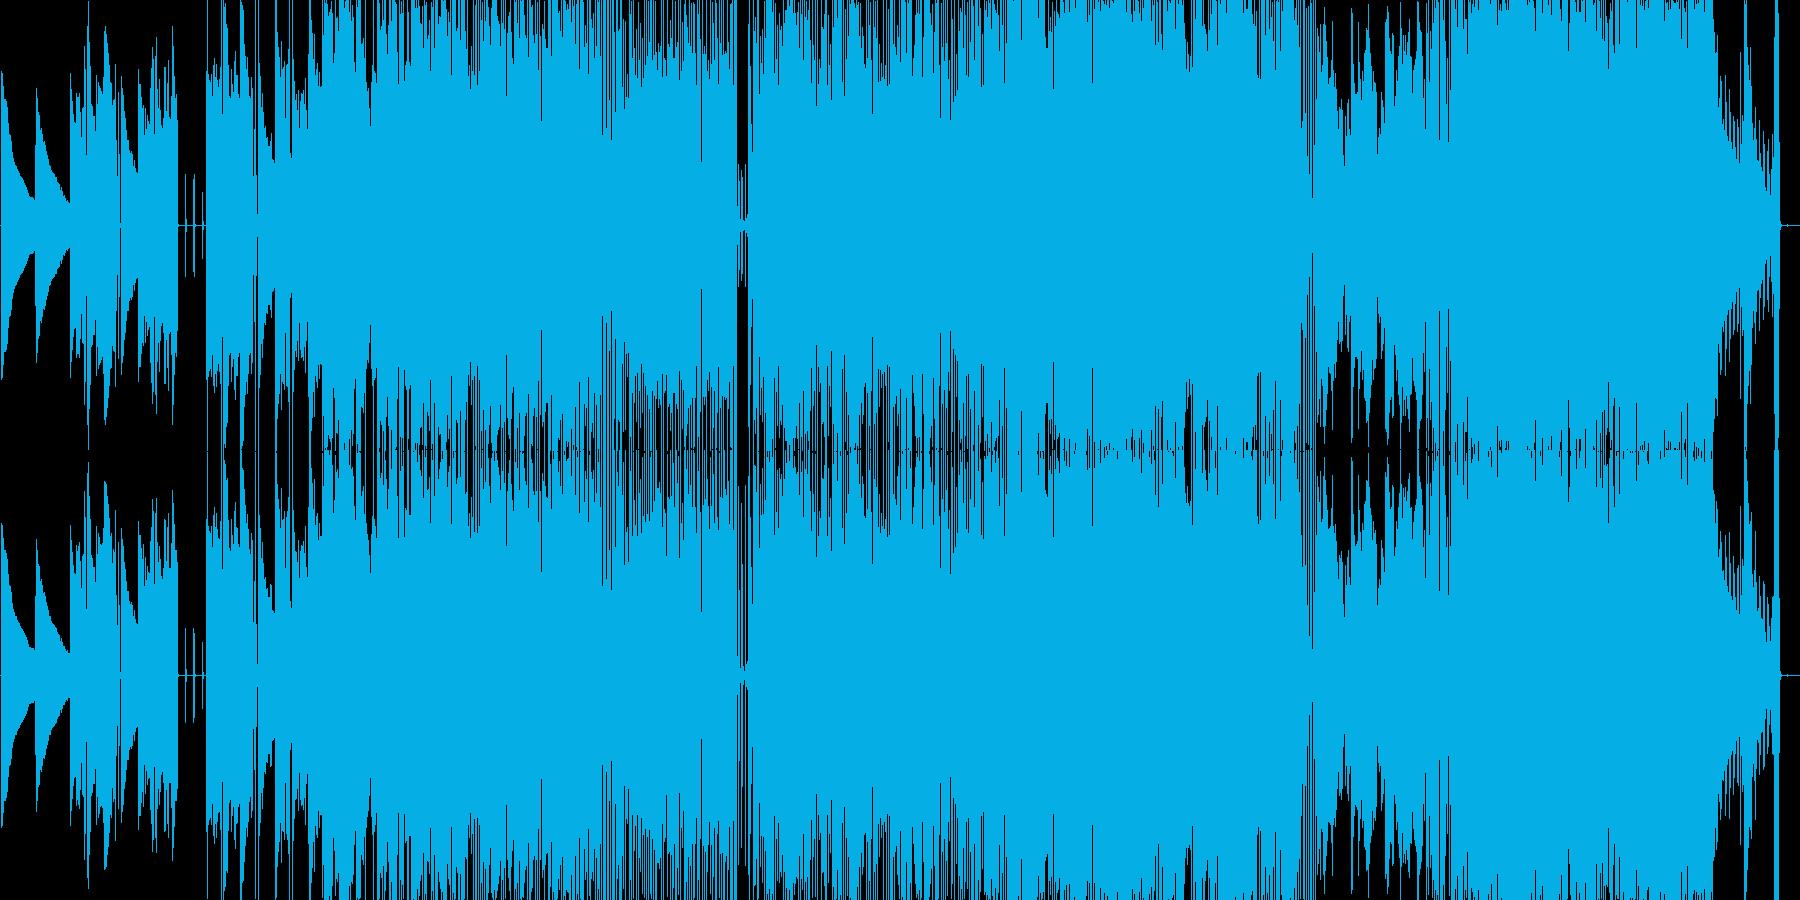 おしゃれな女性ボーカルのポップスの再生済みの波形